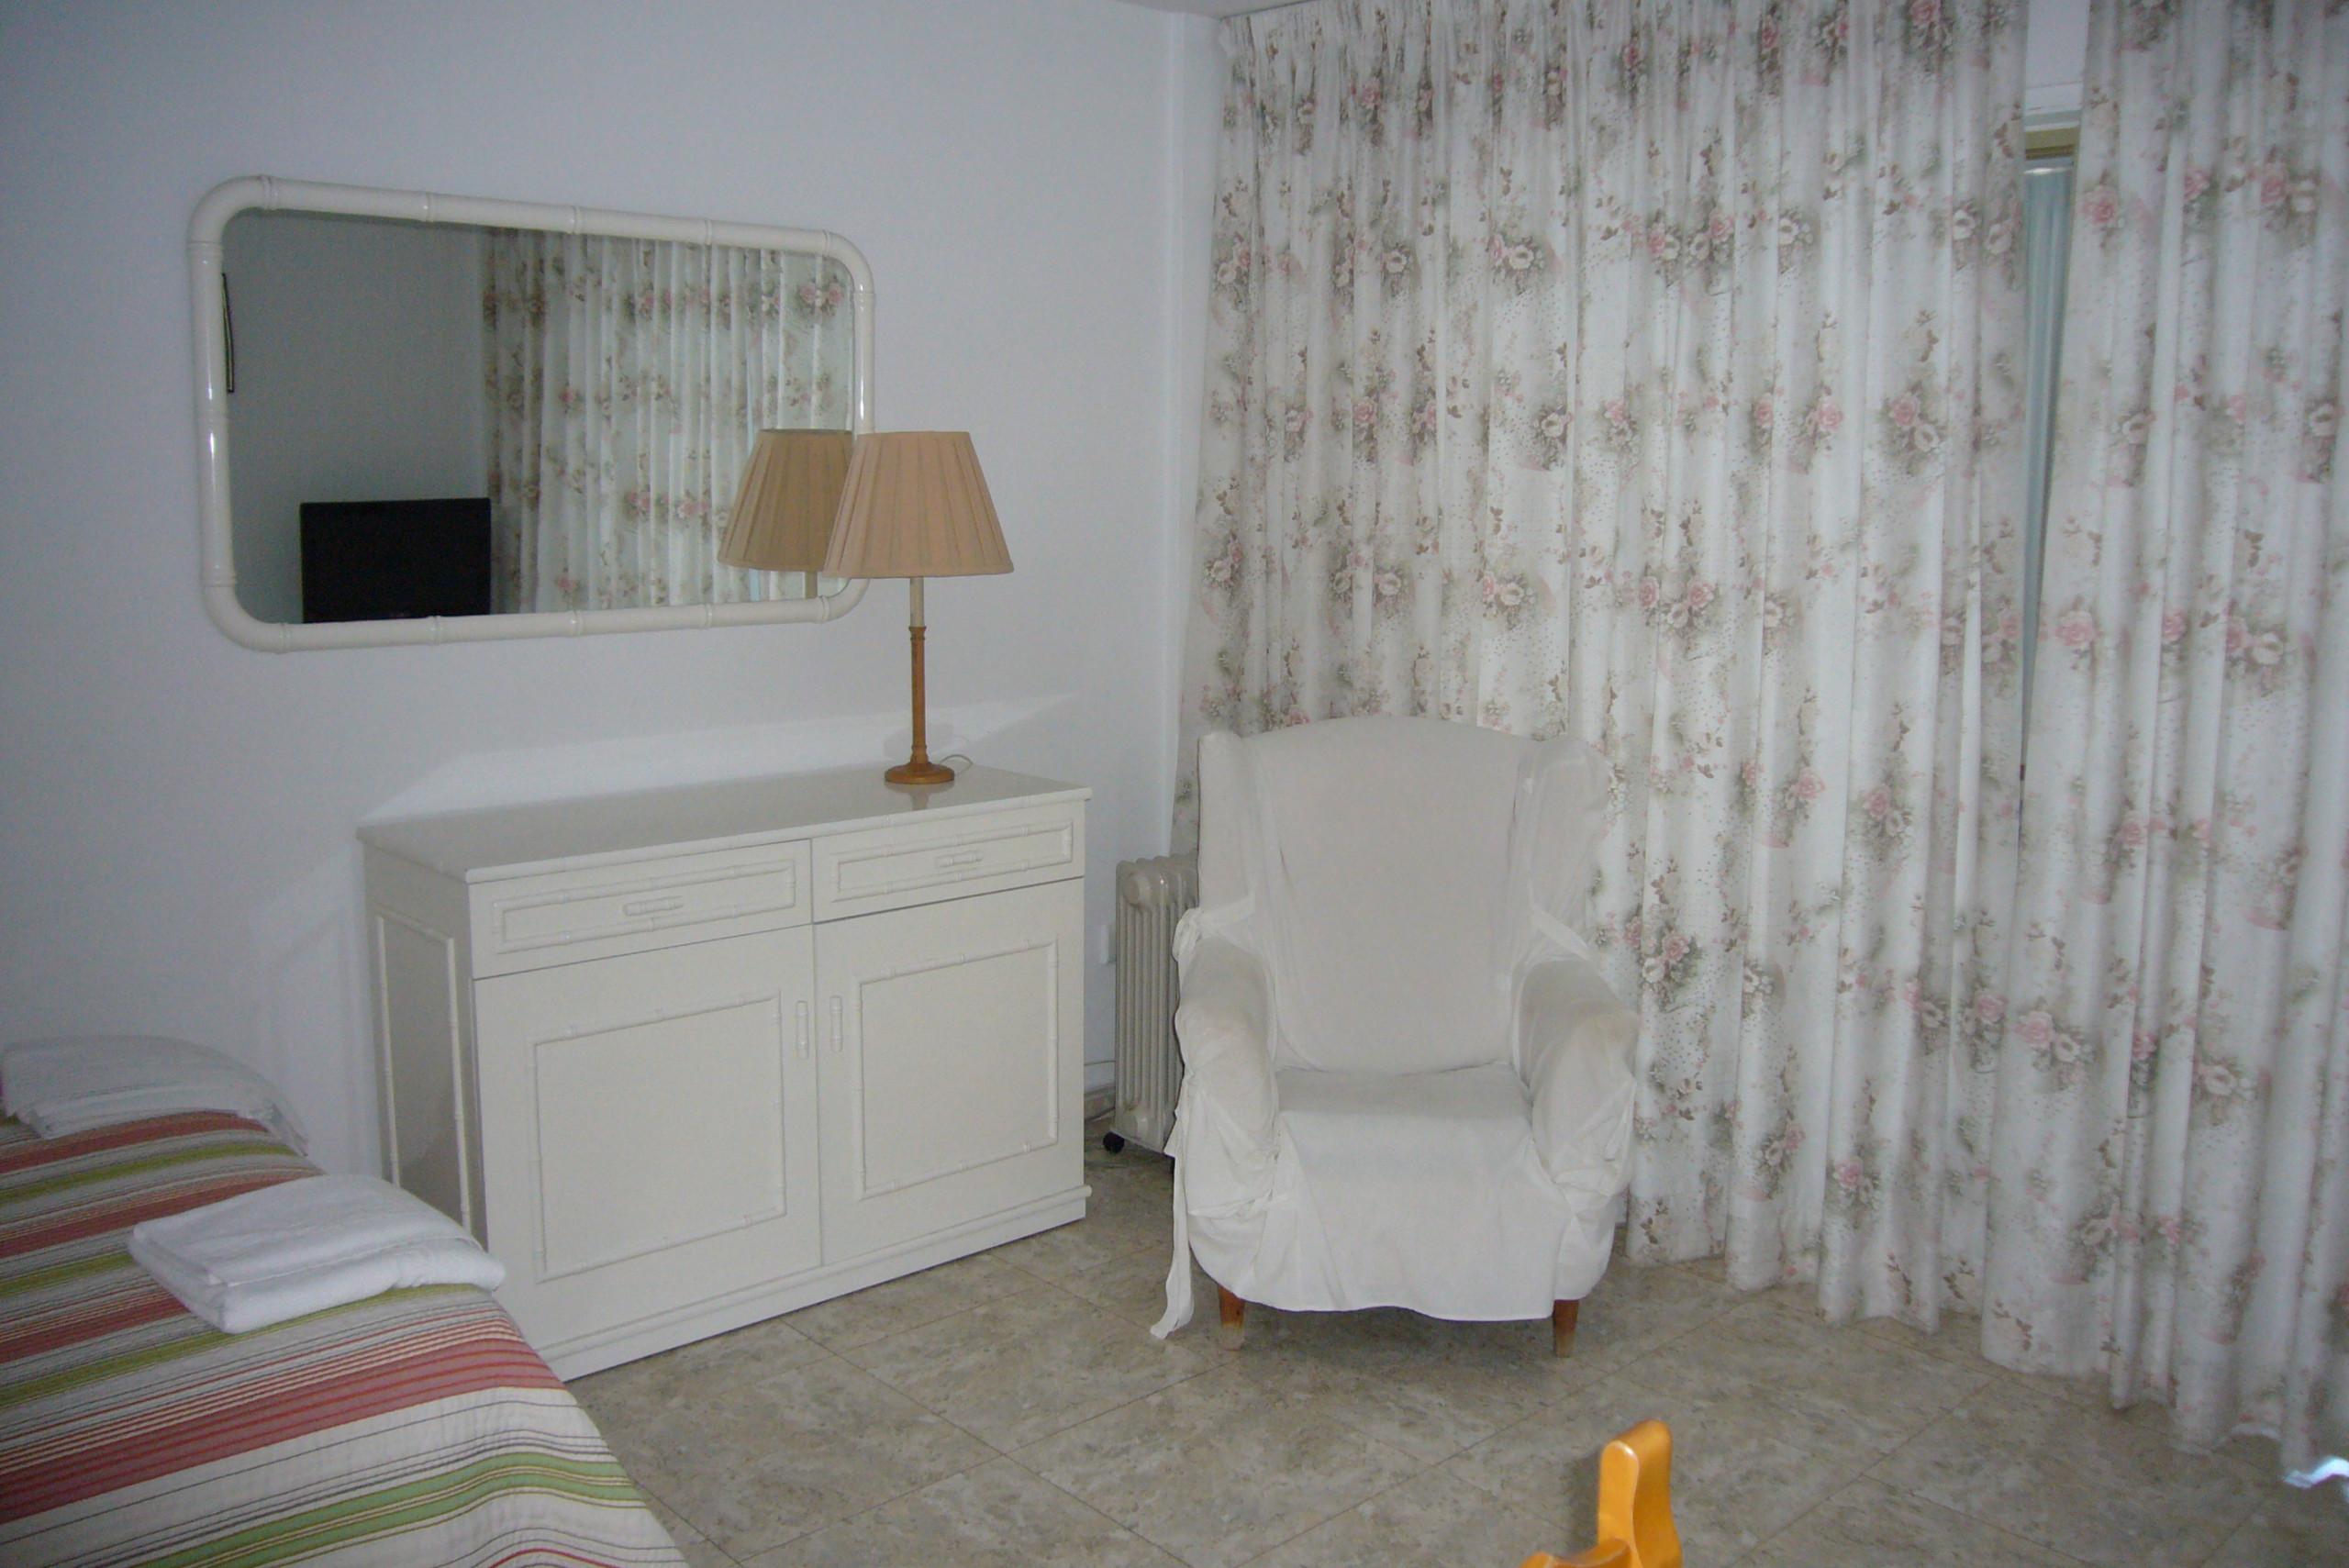 Studios in benidorm torre principado estudio 0 dormitorios for Dormitorio estudio